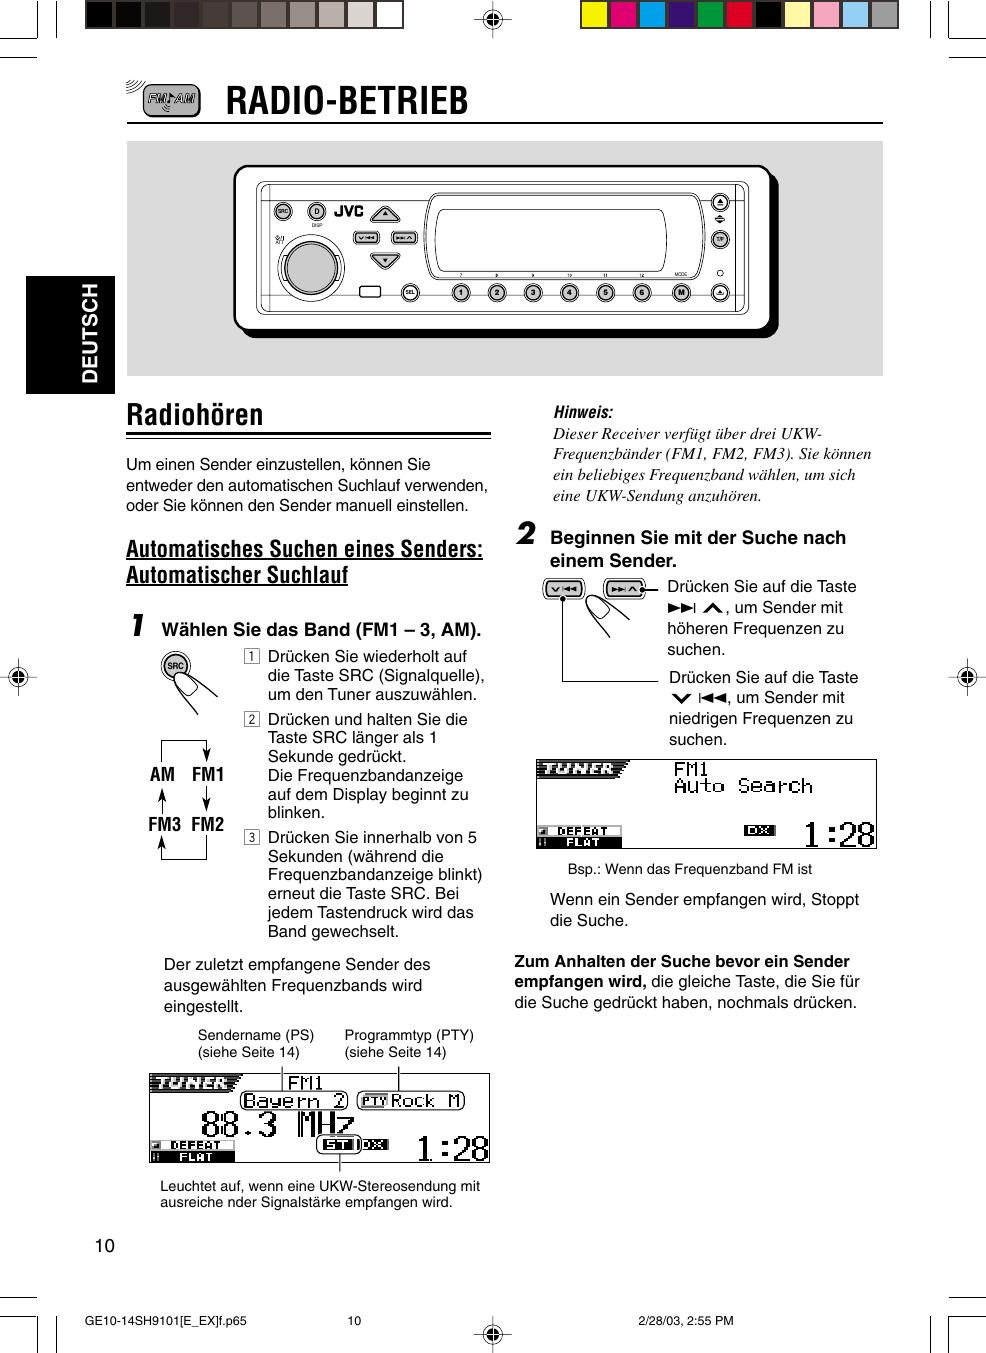 JVC KD SH9101 COVER_SH9101[E_EX]f p65 User Manual LVT1005 001A